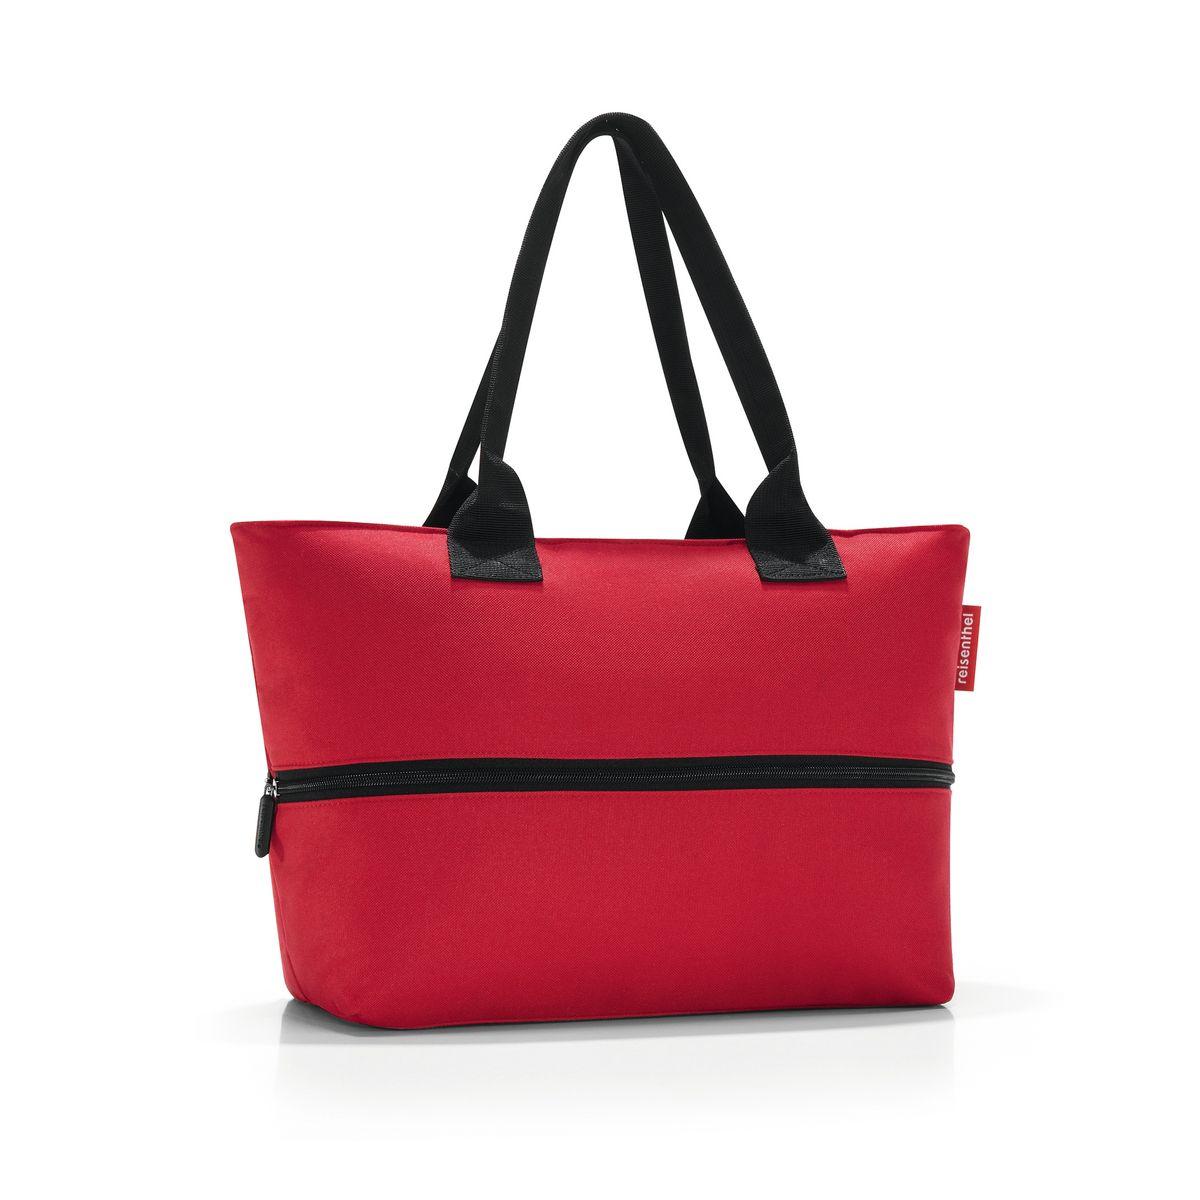 Сумка женская Reisenthel, цвет: красный. RJ3004RJ3004Вместительная женская сумка Reisenthel изготовлена из полиэстера. Сумка имеет одно отделение, которое закрывается на застежку-молнию. Внутри имеются нашивной карман на застежке-молнии и открытый накладной кармашек для телефона. Вдоль центральной части сумки располагается специальная молния, расстегнув которую можно увеличить ее вместимость (в обычном состоянии - 12 литров, в разложенном - 18 литров). Сумка оснащена двумя ручками, позволяющими носить изделие на плече. Стильная сумка Reisenthel станет незаменимым в повседневной жизни, ее можно использовать в поездках или для шоппинга.